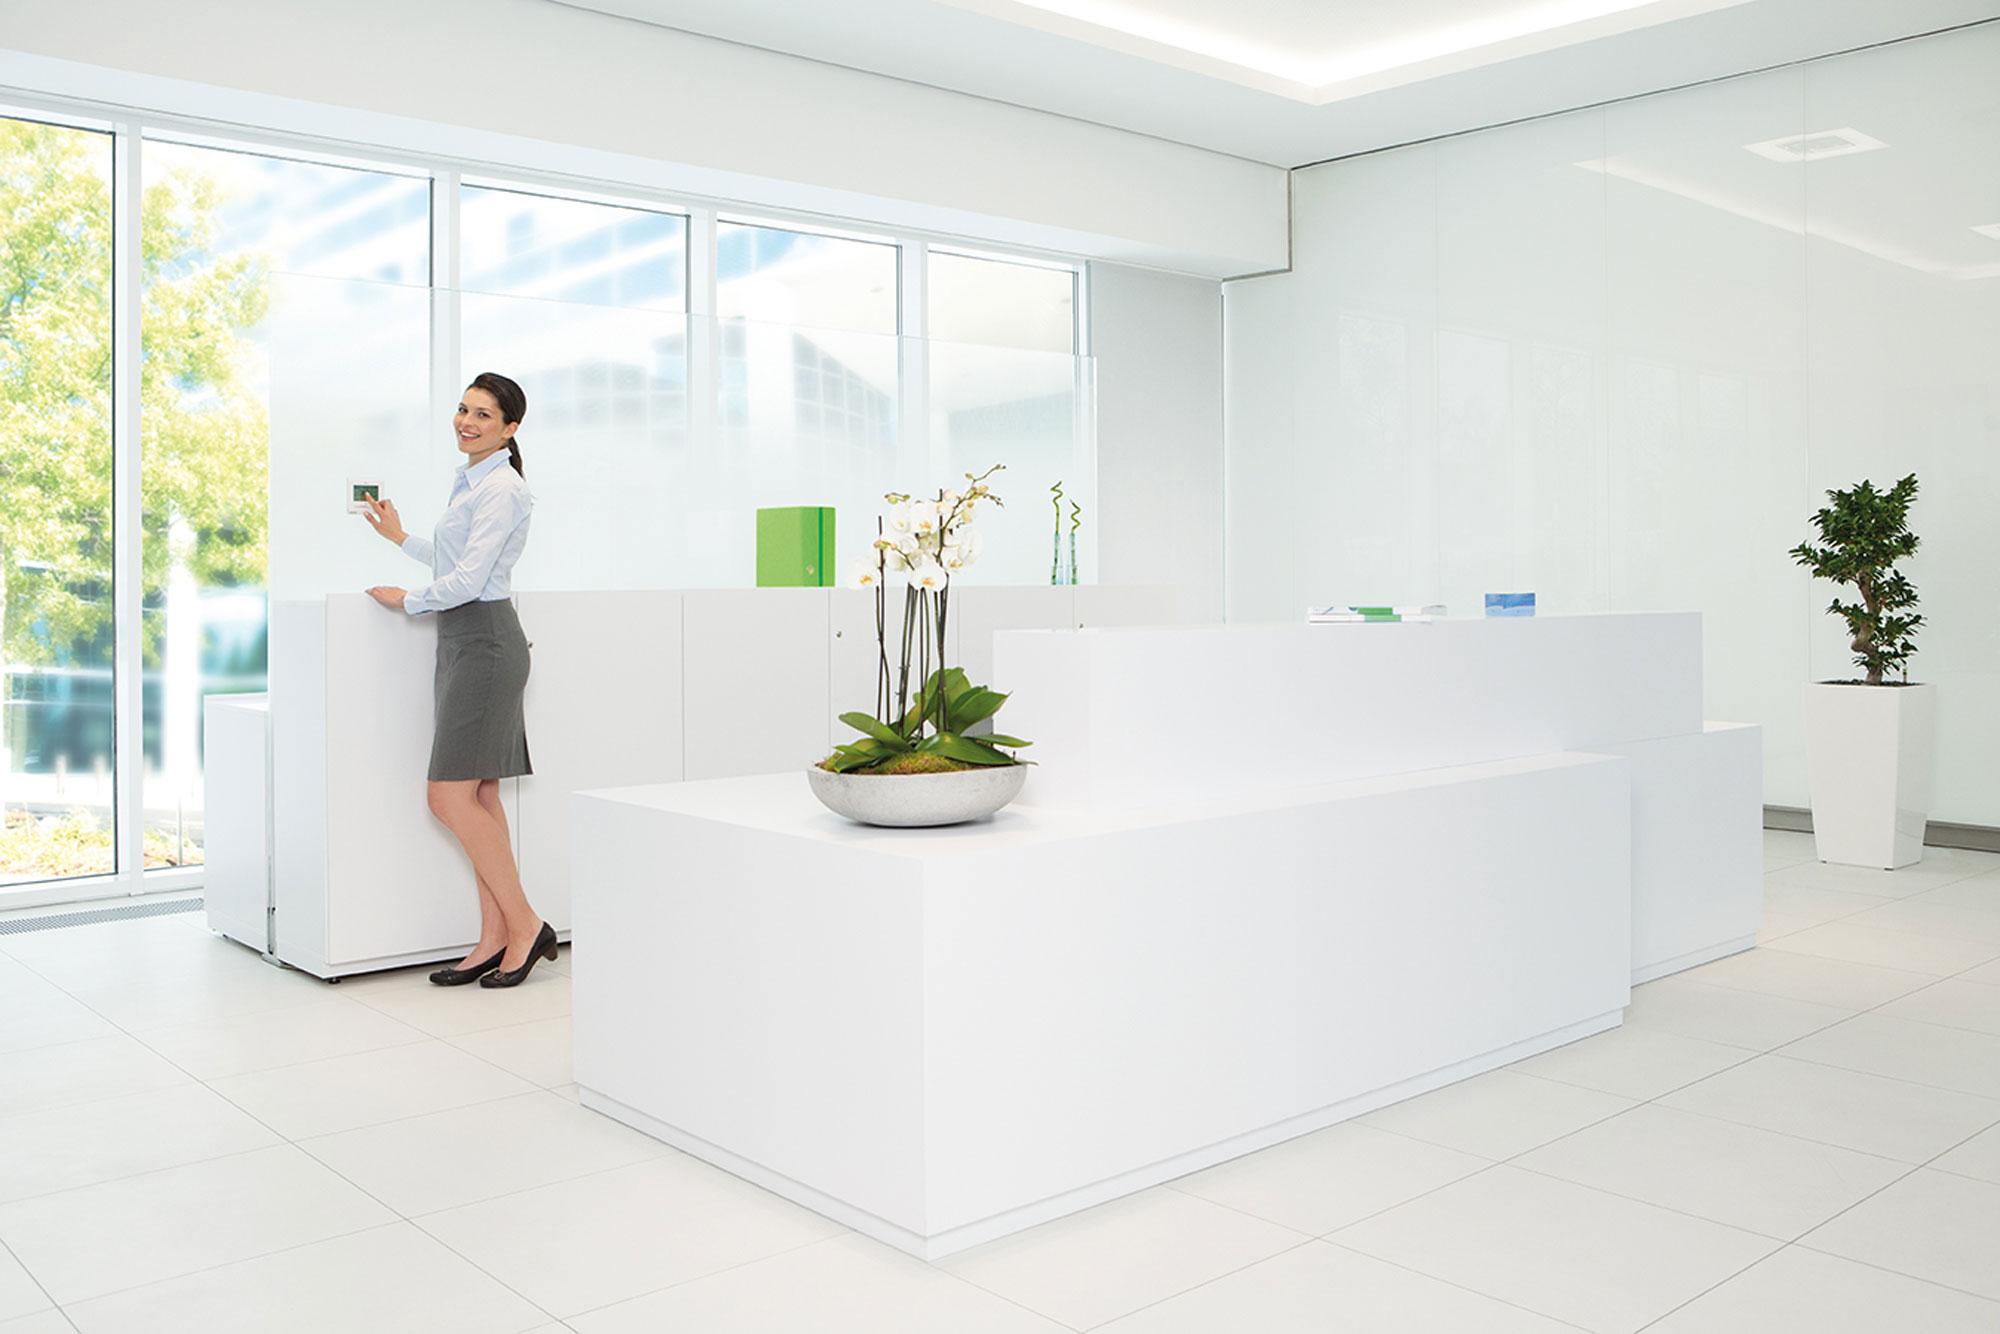 Zeile Kältetechnik GmbH